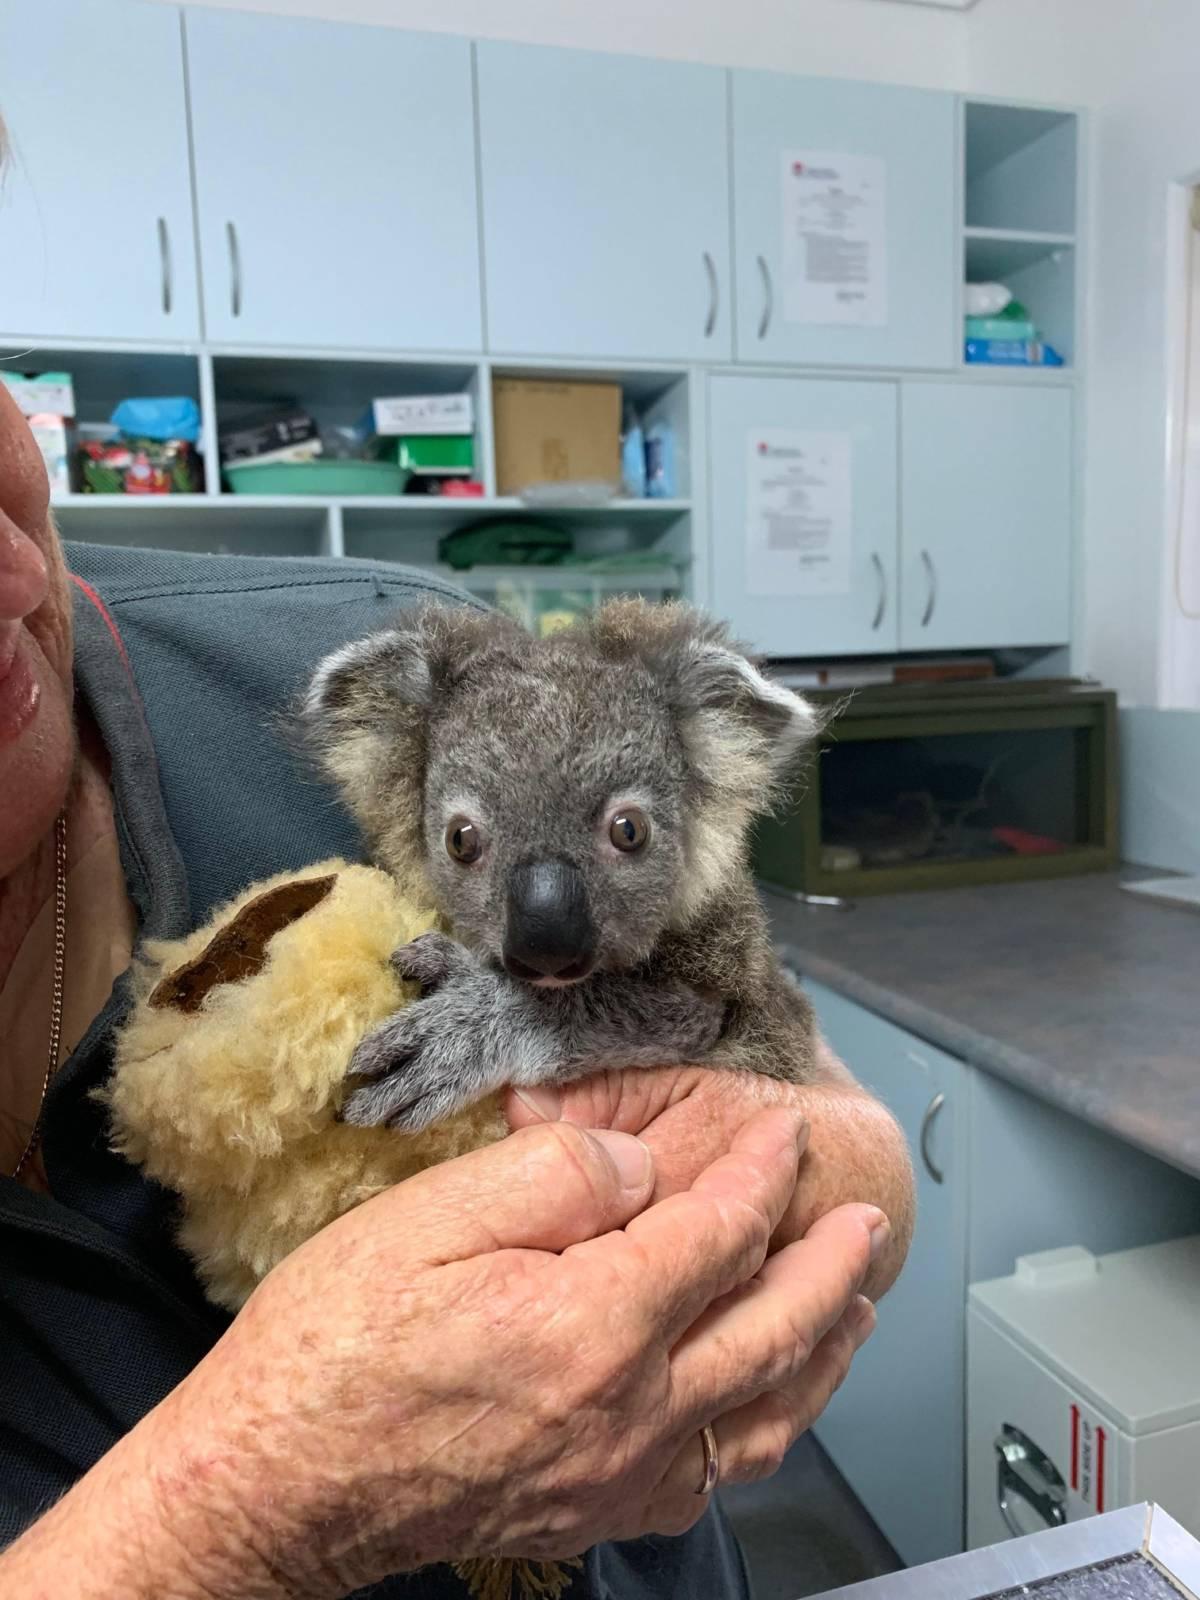 Małe kangury i koale, które przeżyły pożar w Australii, mają zostać zabite? To nieprawda